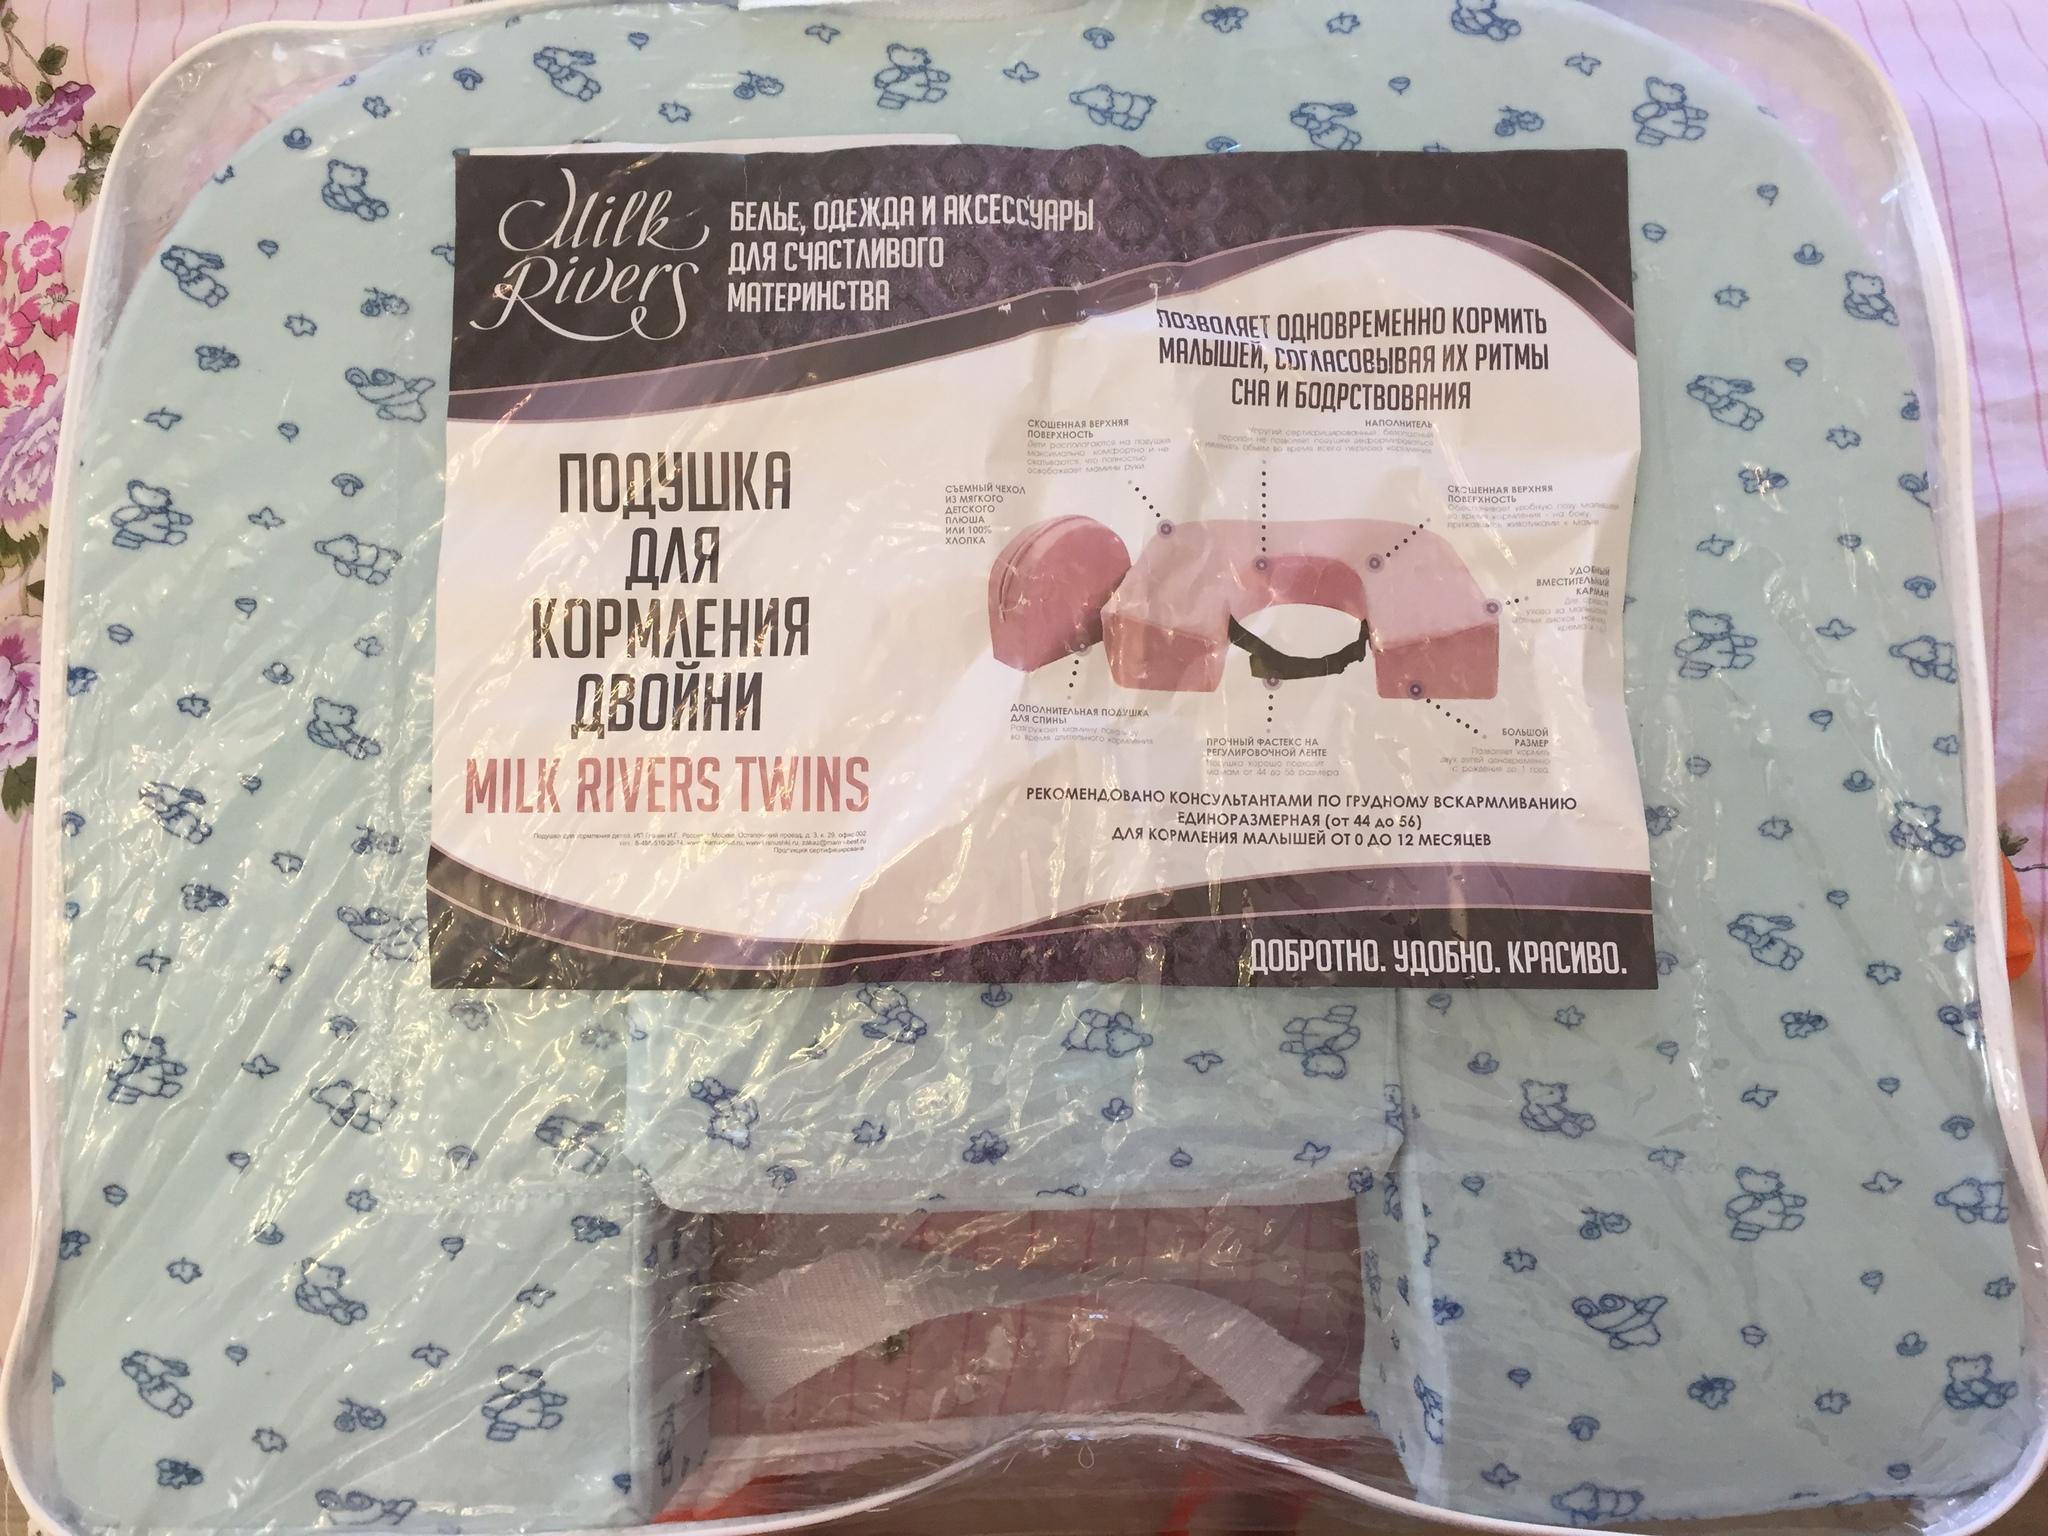 Подушка для кормления: как выбрать лучшую модель и обзор вариантов применения